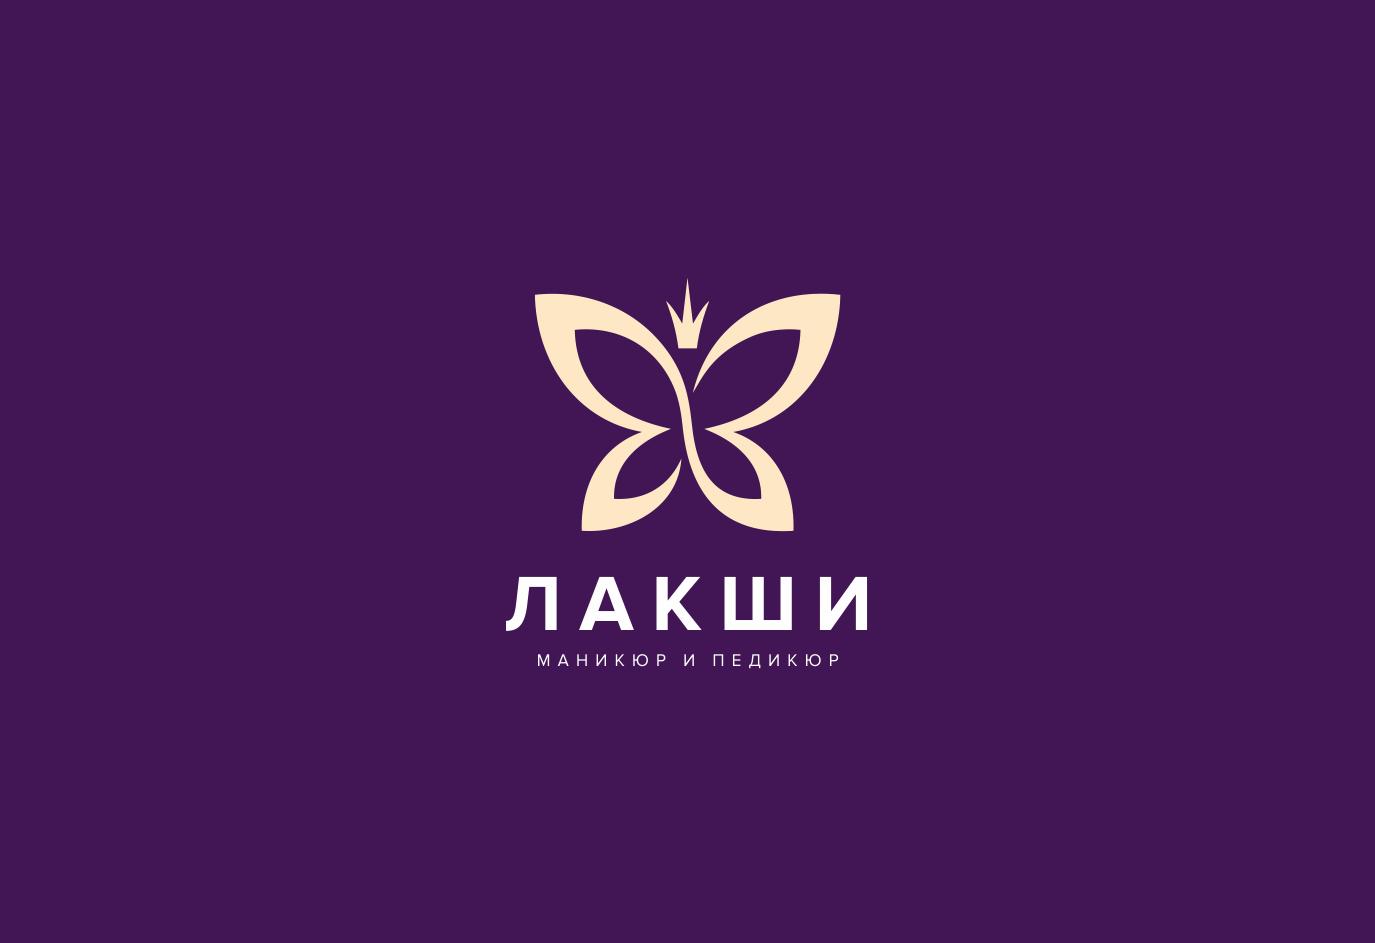 Разработка логотипа фирменного стиля фото f_0155c6a821be680d.png